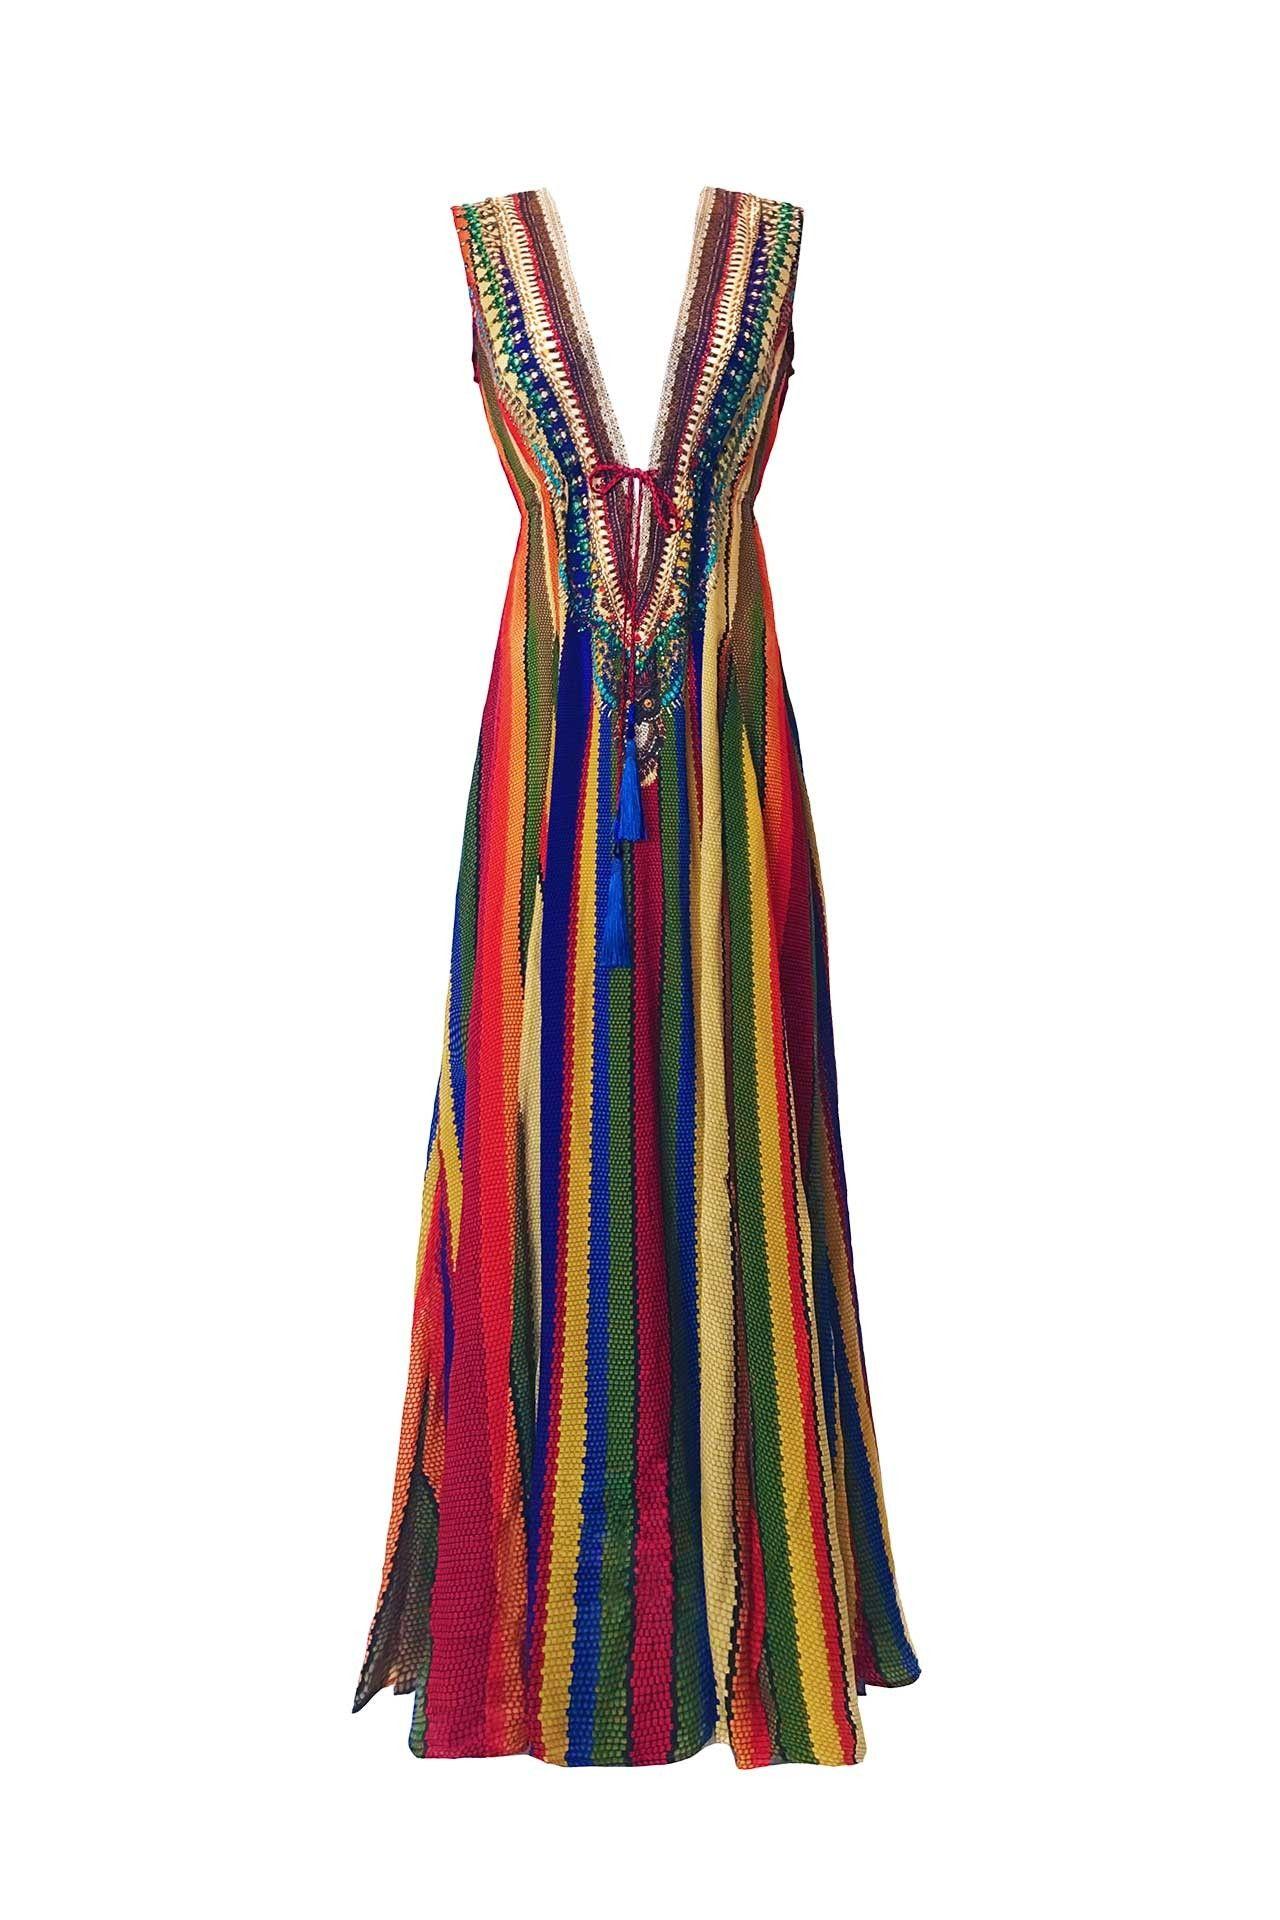 Designer Maxi Dresses Long Dresses Shahida Parides Shahida Parides Rainbow Dress Designer Maxi Dress Dresses [ 1920 x 1280 Pixel ]